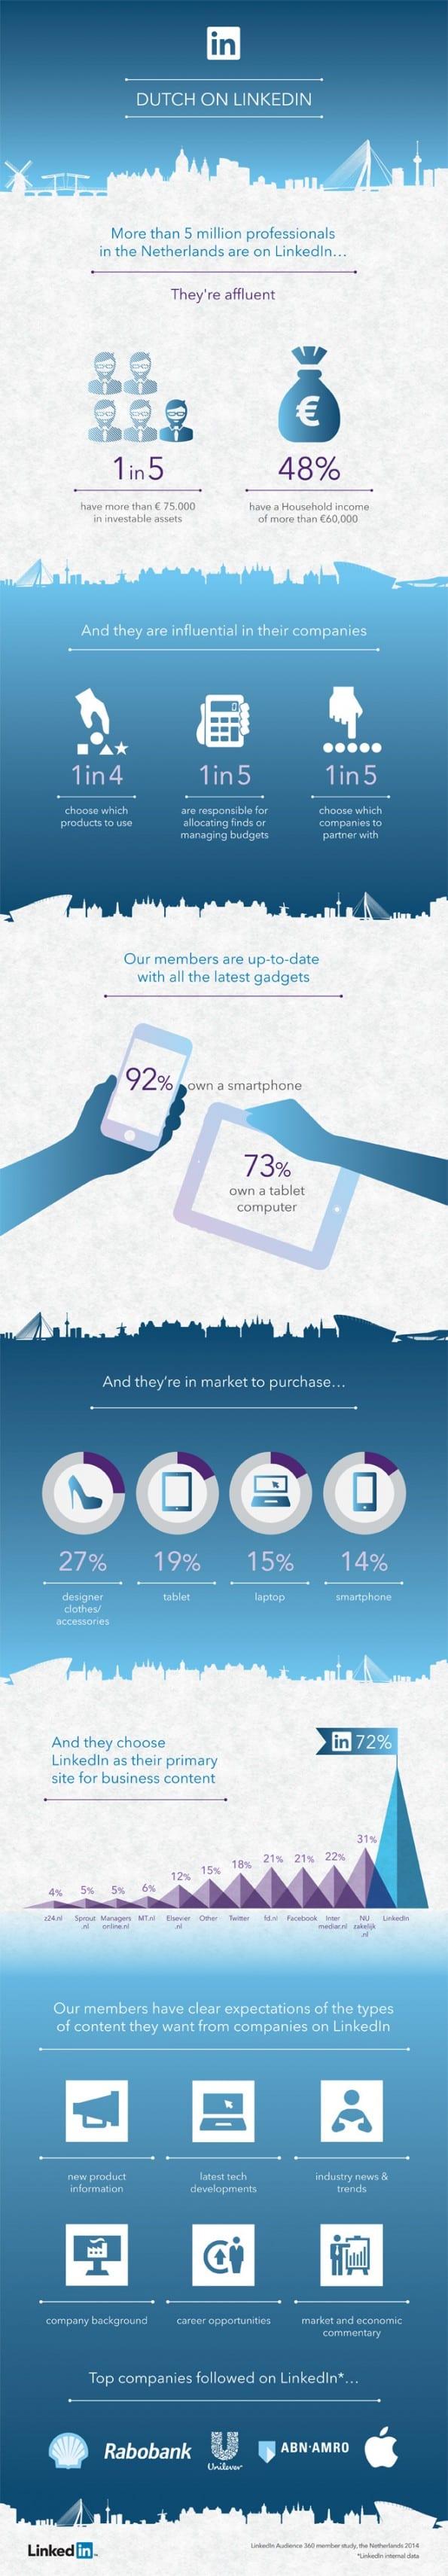 Een blik op de Nederlandse LinkedIn-gebruiker [infographic]